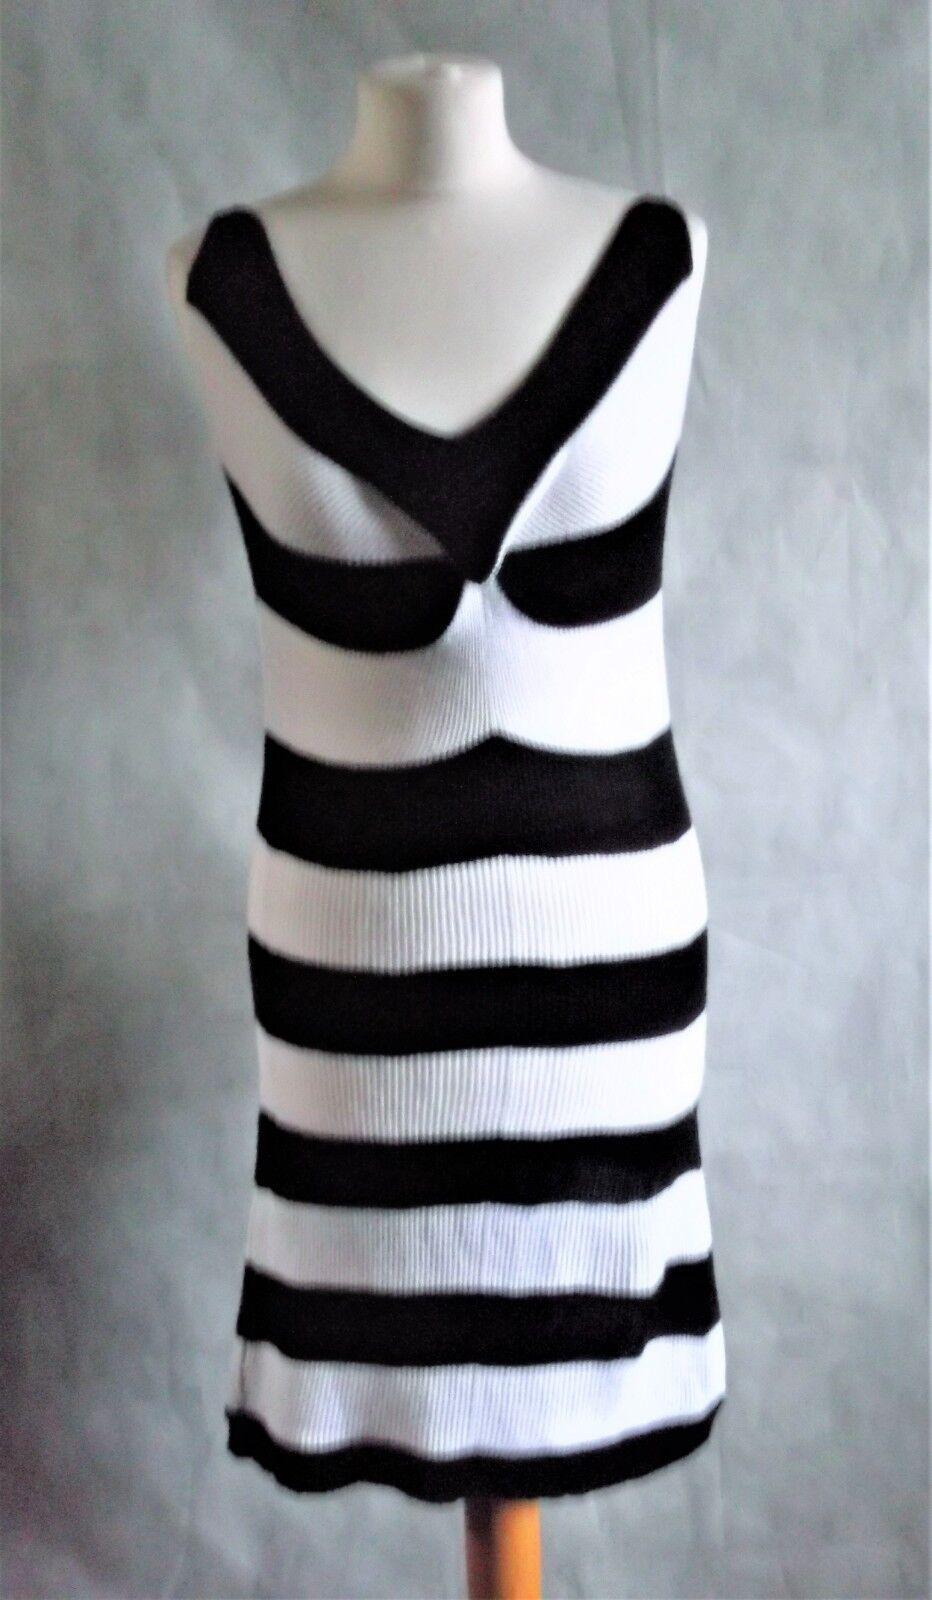 ALICE PALMER knit dress Größe s